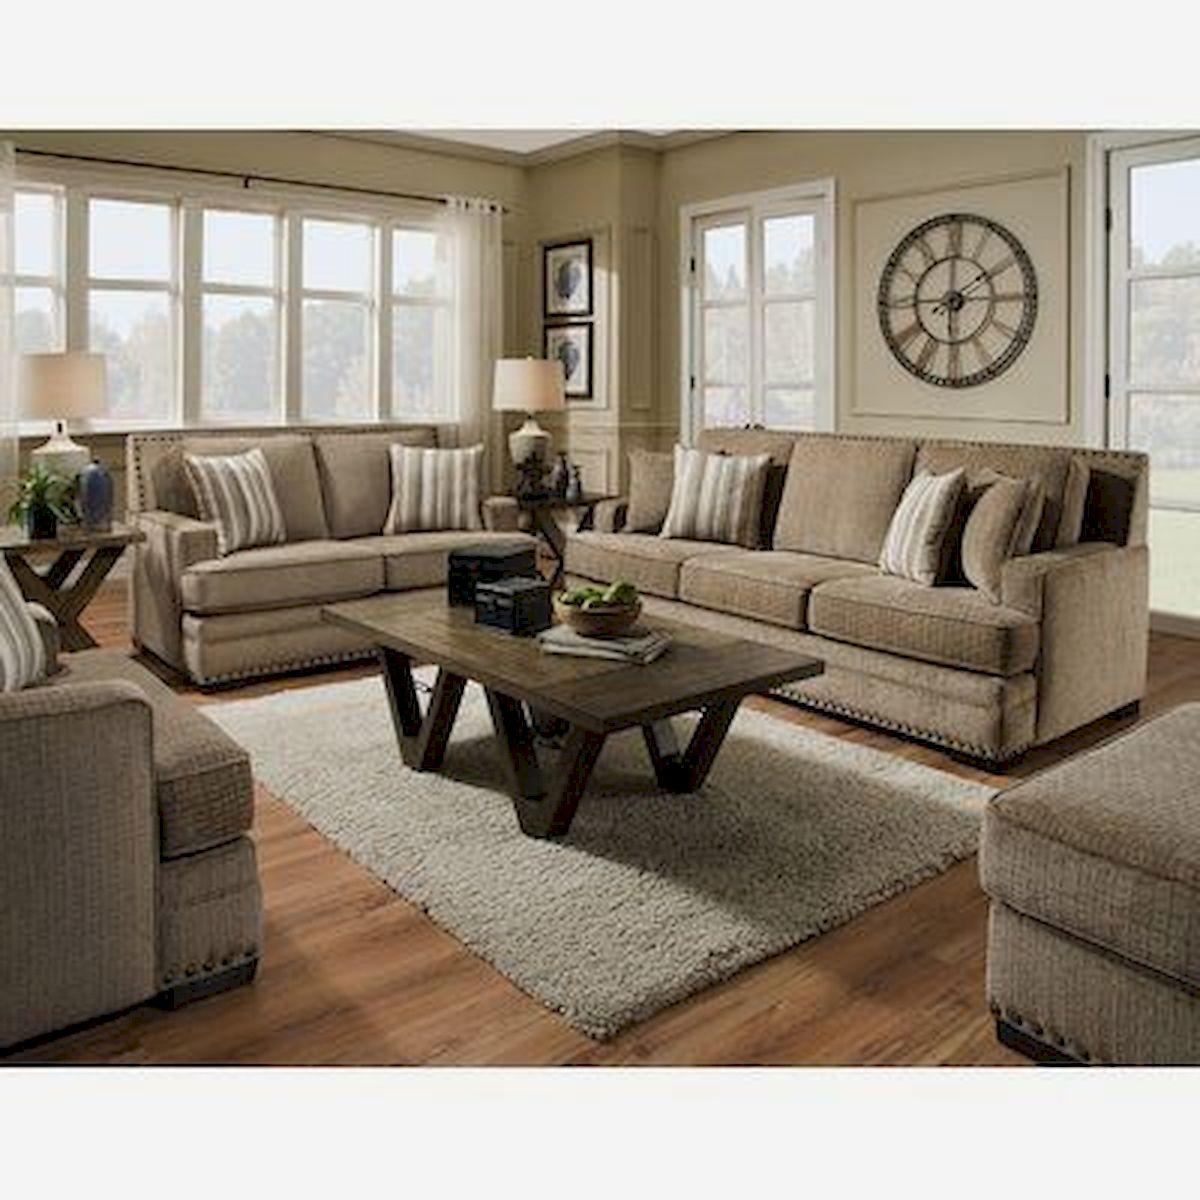 50 Cozy Farmhouse Living Room Design and Decor Ideas (50)